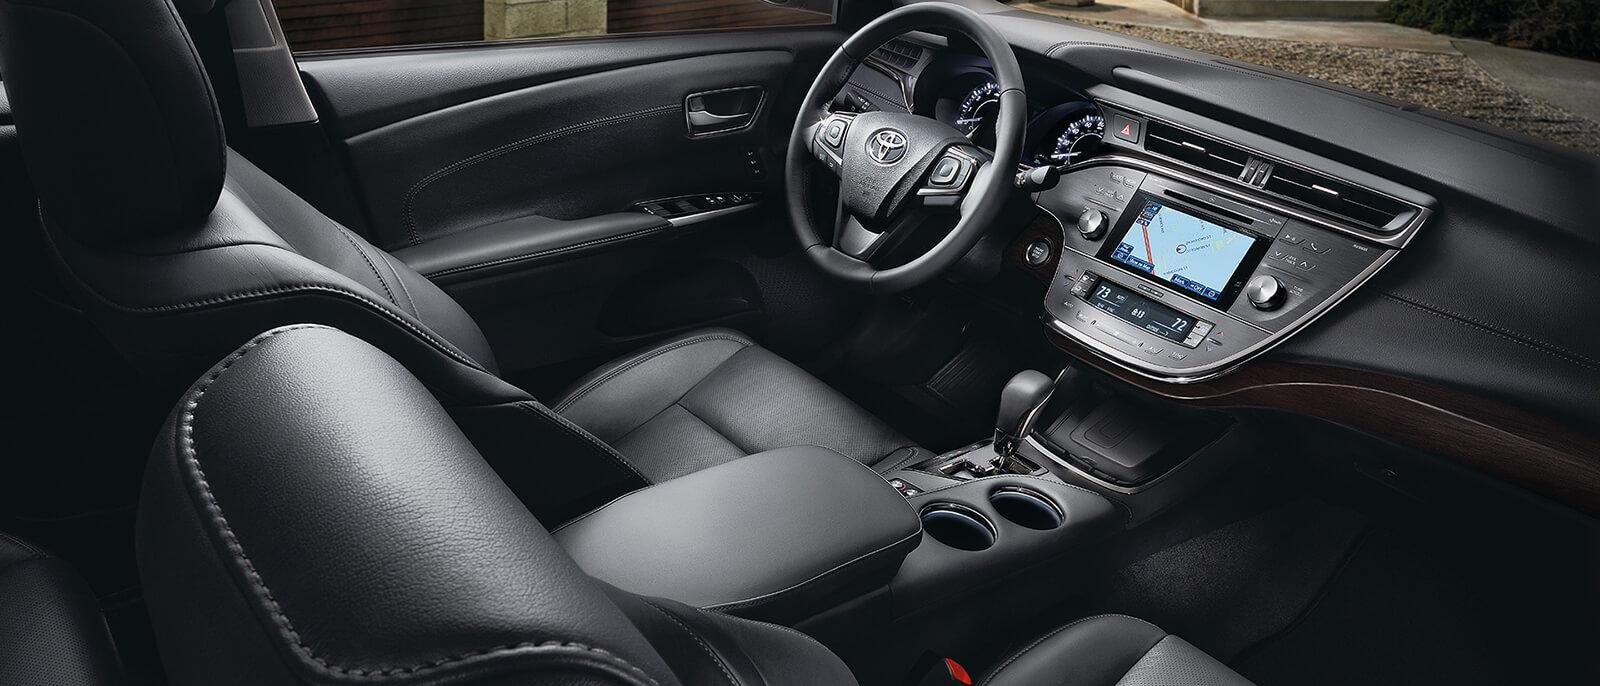 2016 Toyota Avalon Hybrid Interior